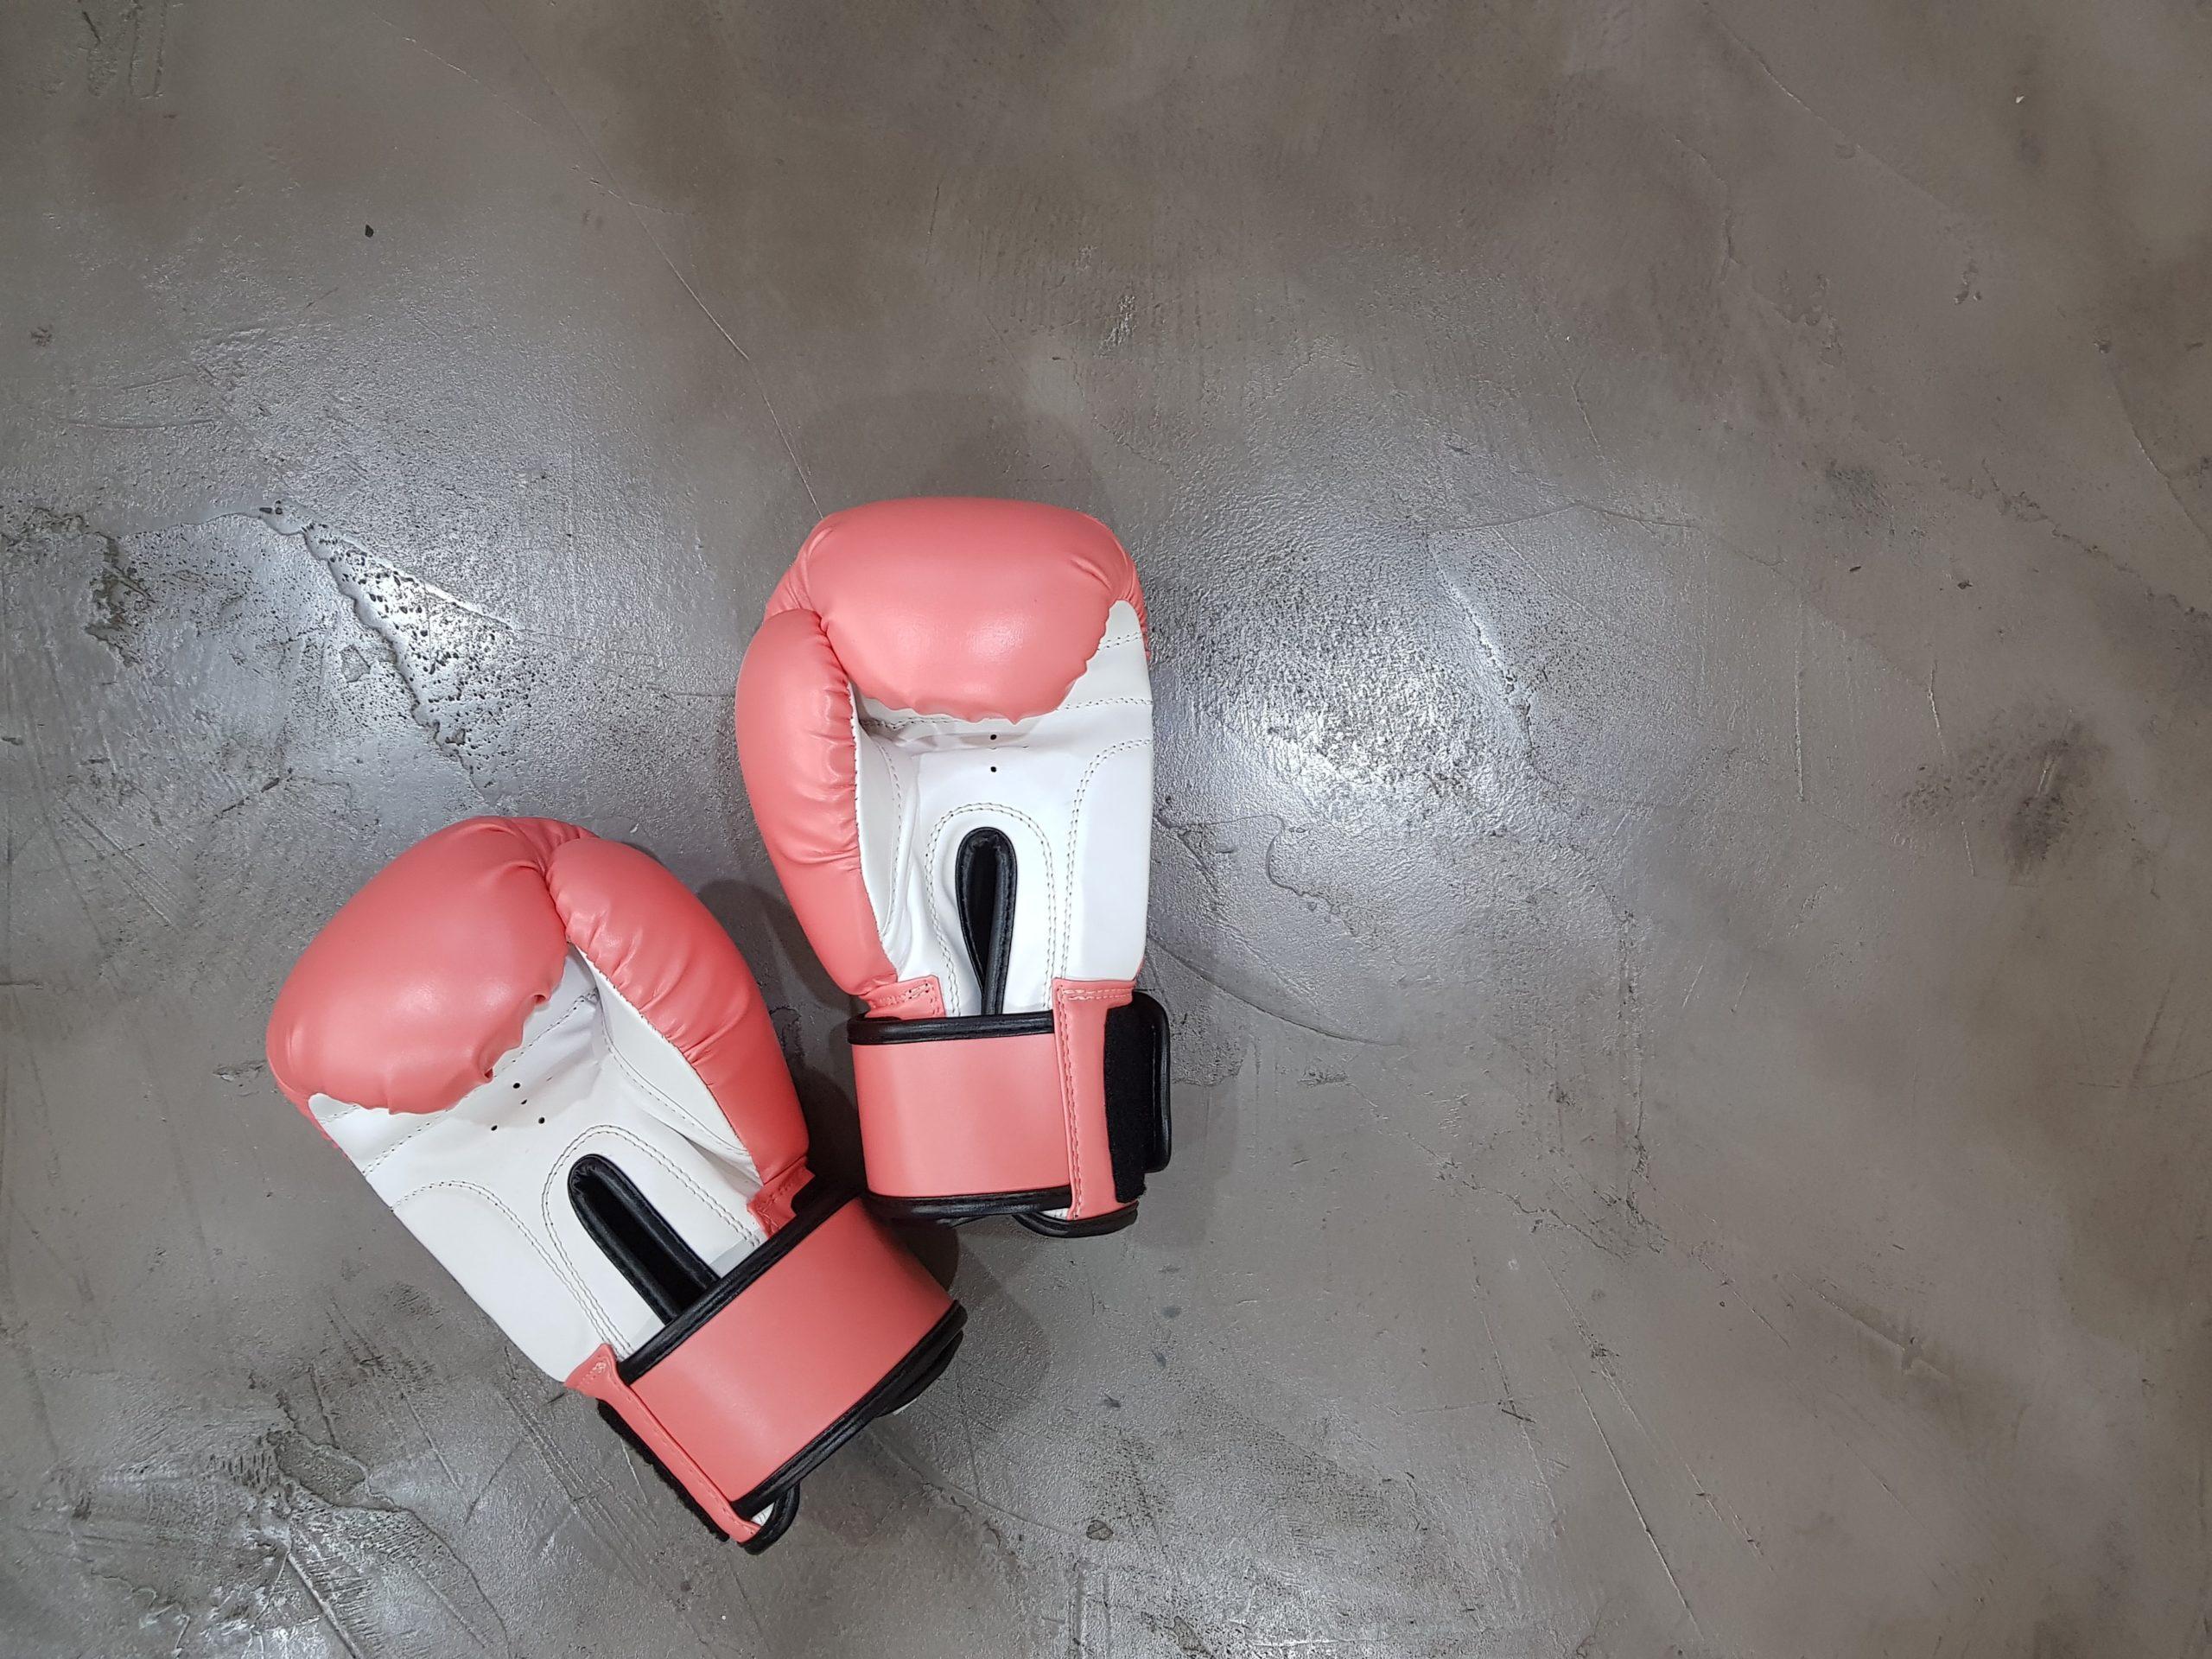 Fairtex BGV1 Muay Thai Boxing Sparring Gloves Review